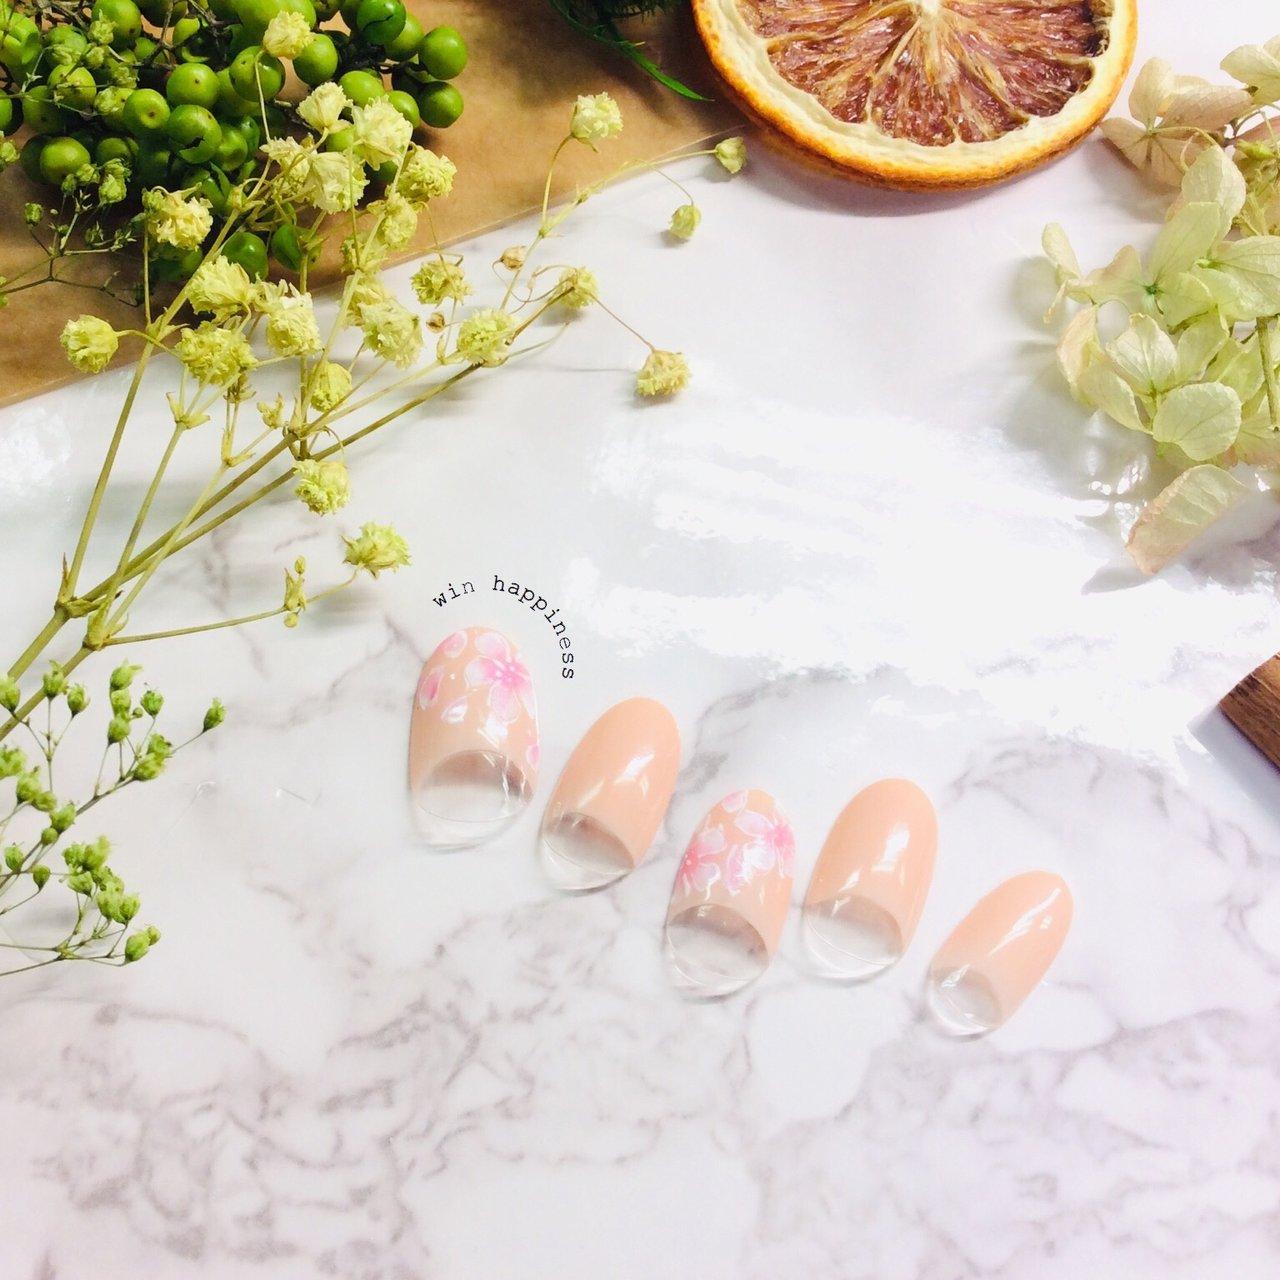 透け感が大人可愛いネイルです。 心がhappyになるような春にぴったりネイルです♪ #春 #ハンド #Happiness Win #ネイルブック